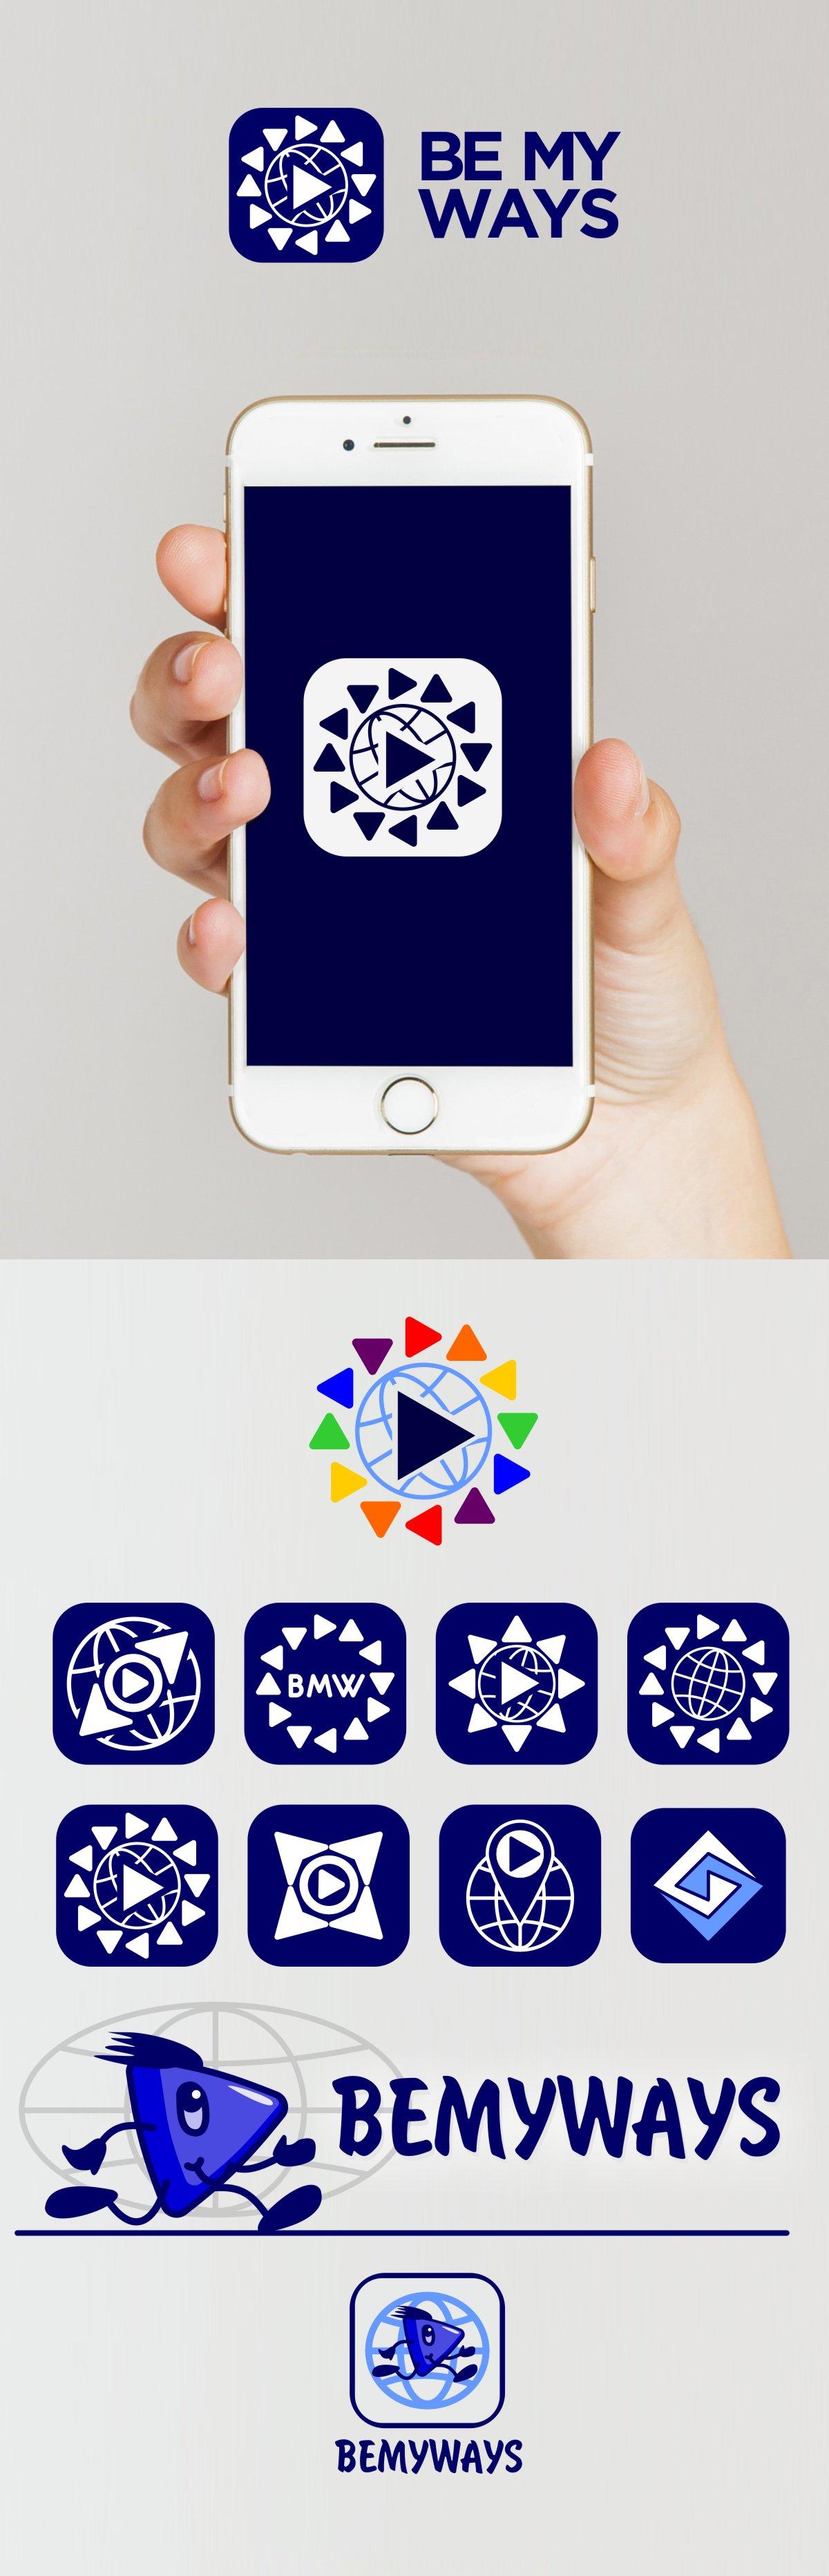 Разработка логотипа и иконки для Travel Video Platform фото f_9625c3c51af865cc.jpg